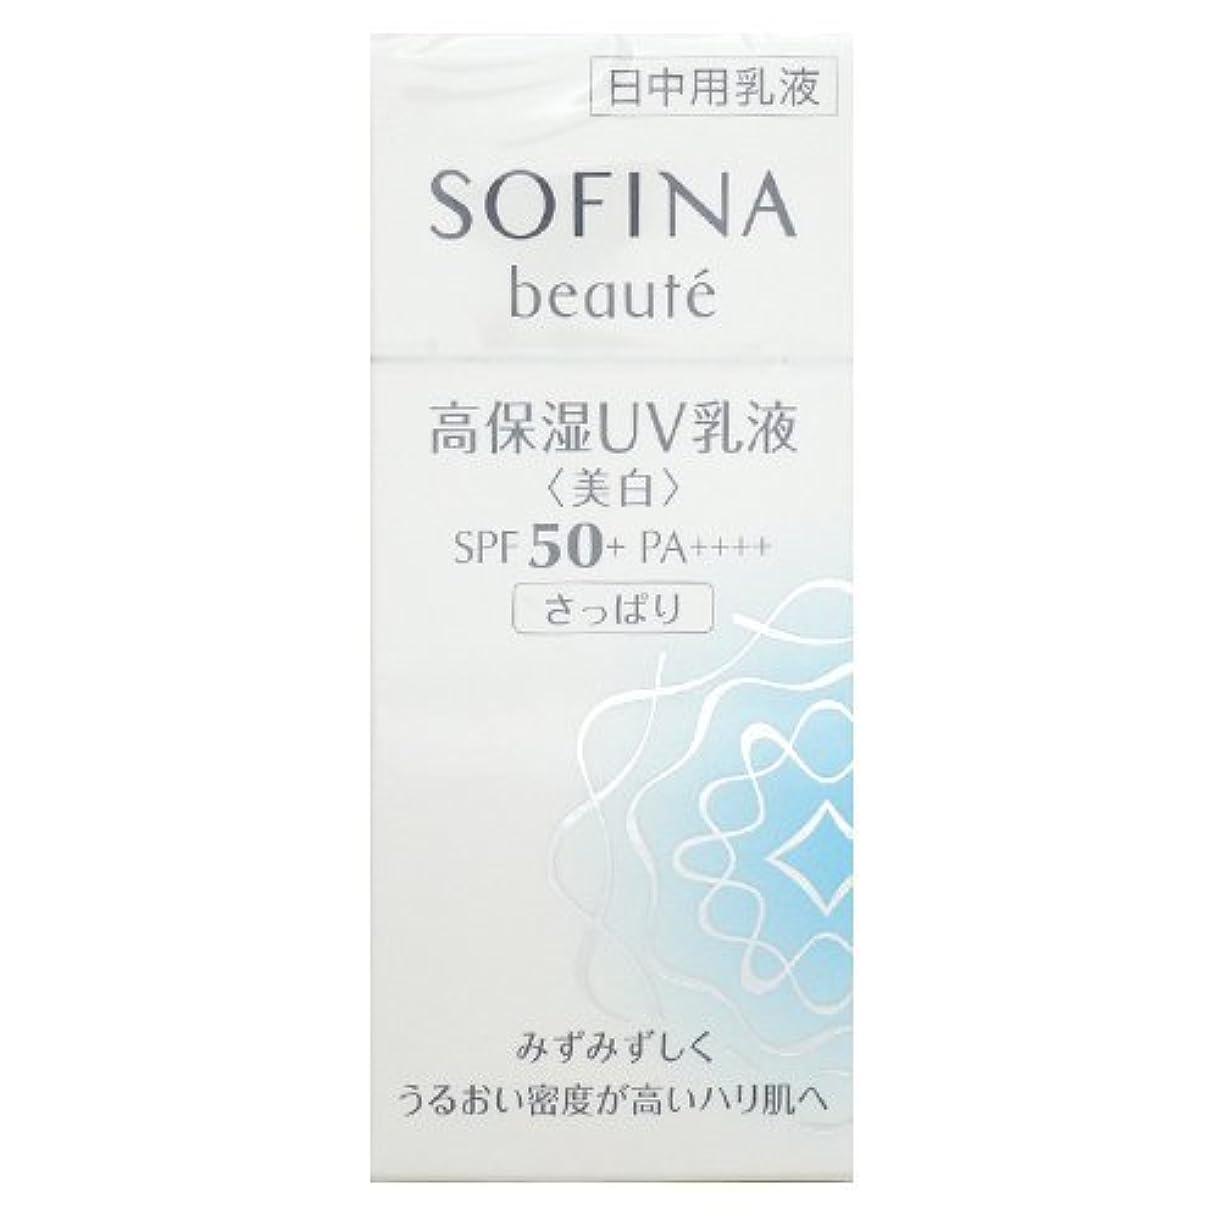 契約したかかわらずお別れ花王 ソフィーナ ボーテ SOFINA beaute 高保湿UV乳液 美白 SPF50+ PA++++ さっぱり 30mL [並行輸入品]